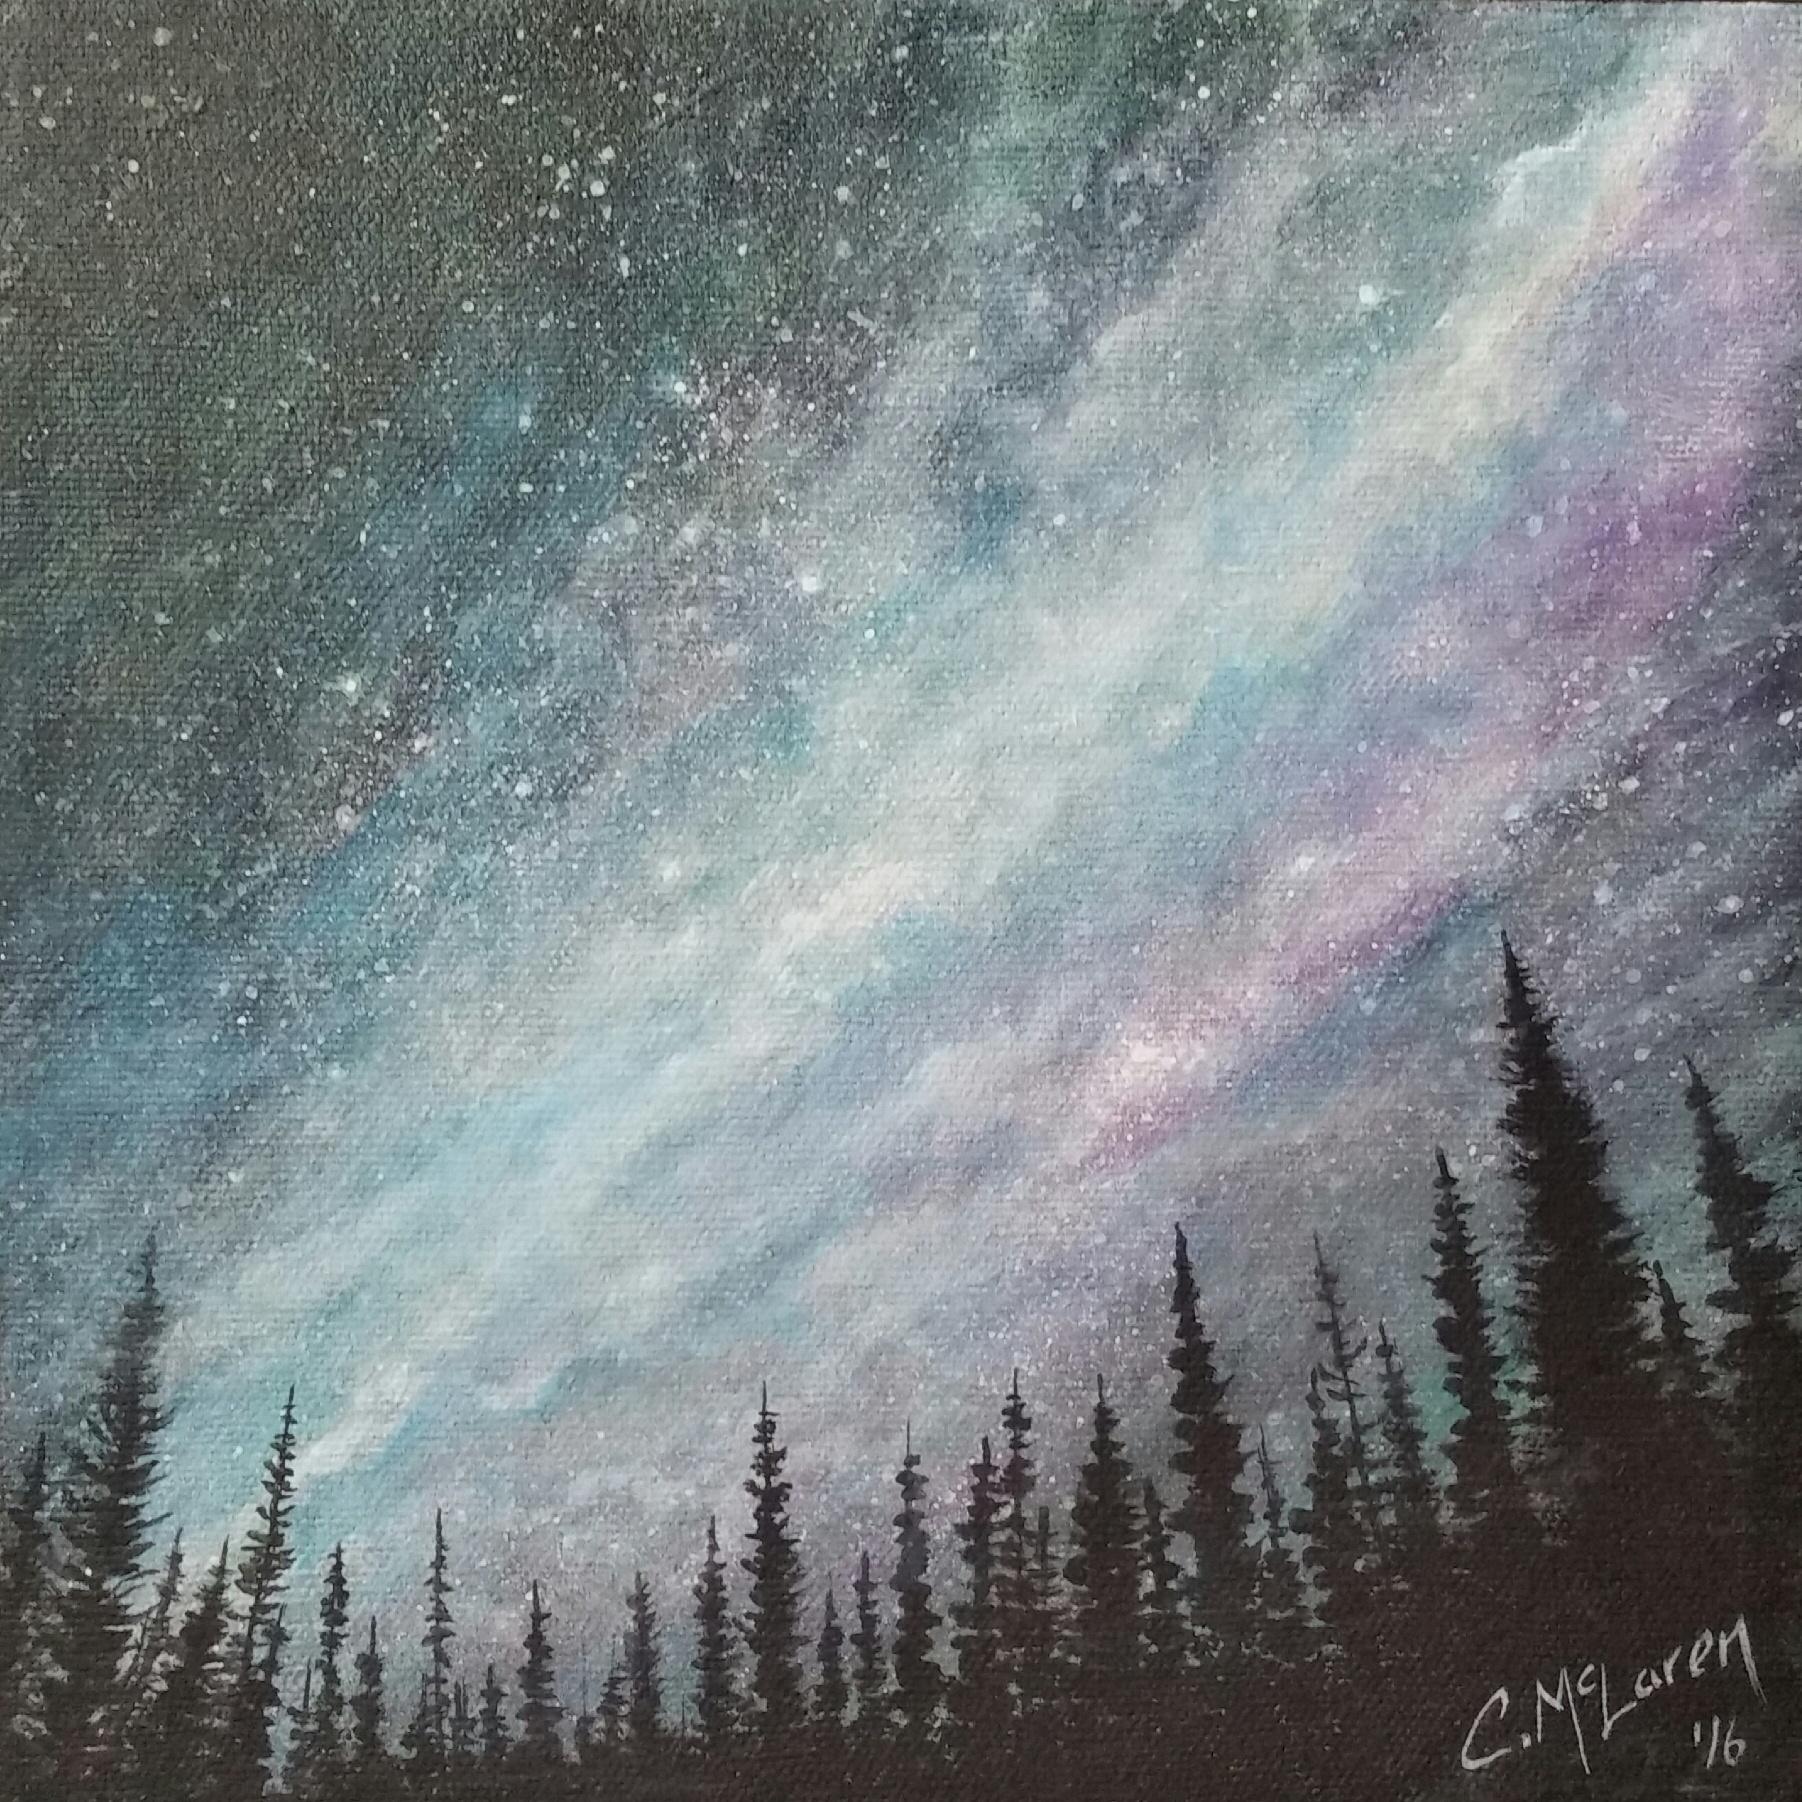 STAR GAZING - SOLD